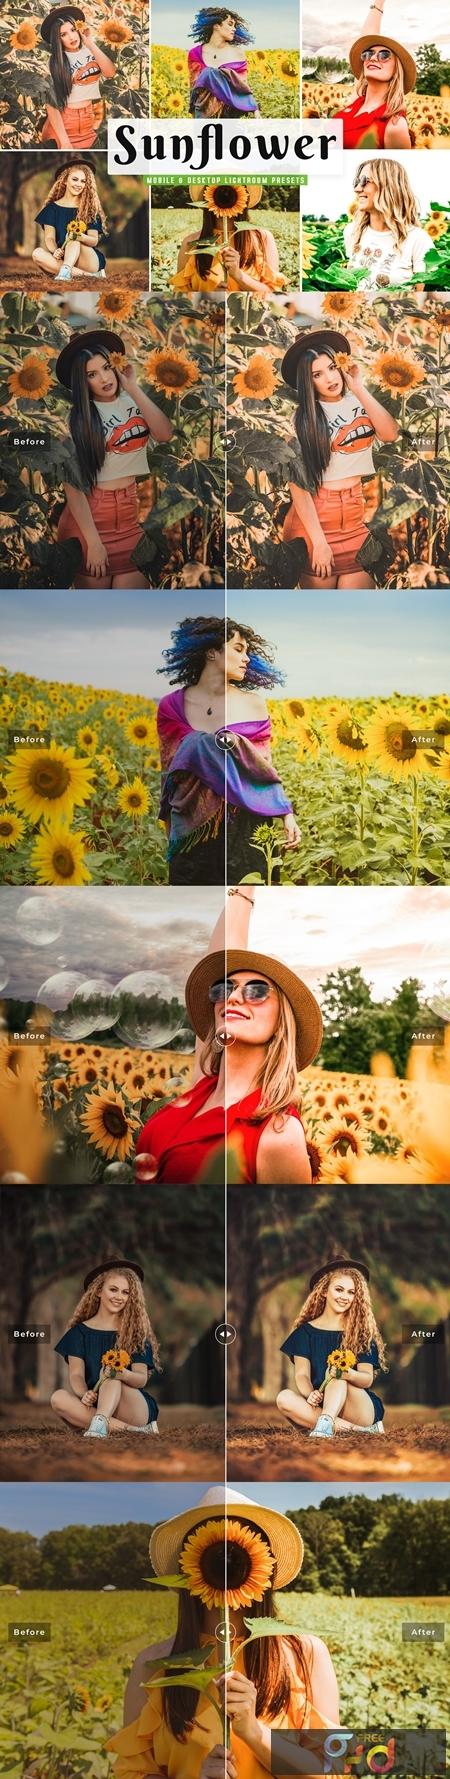 Sunflower Lightroom Presets Pack 4659224 1